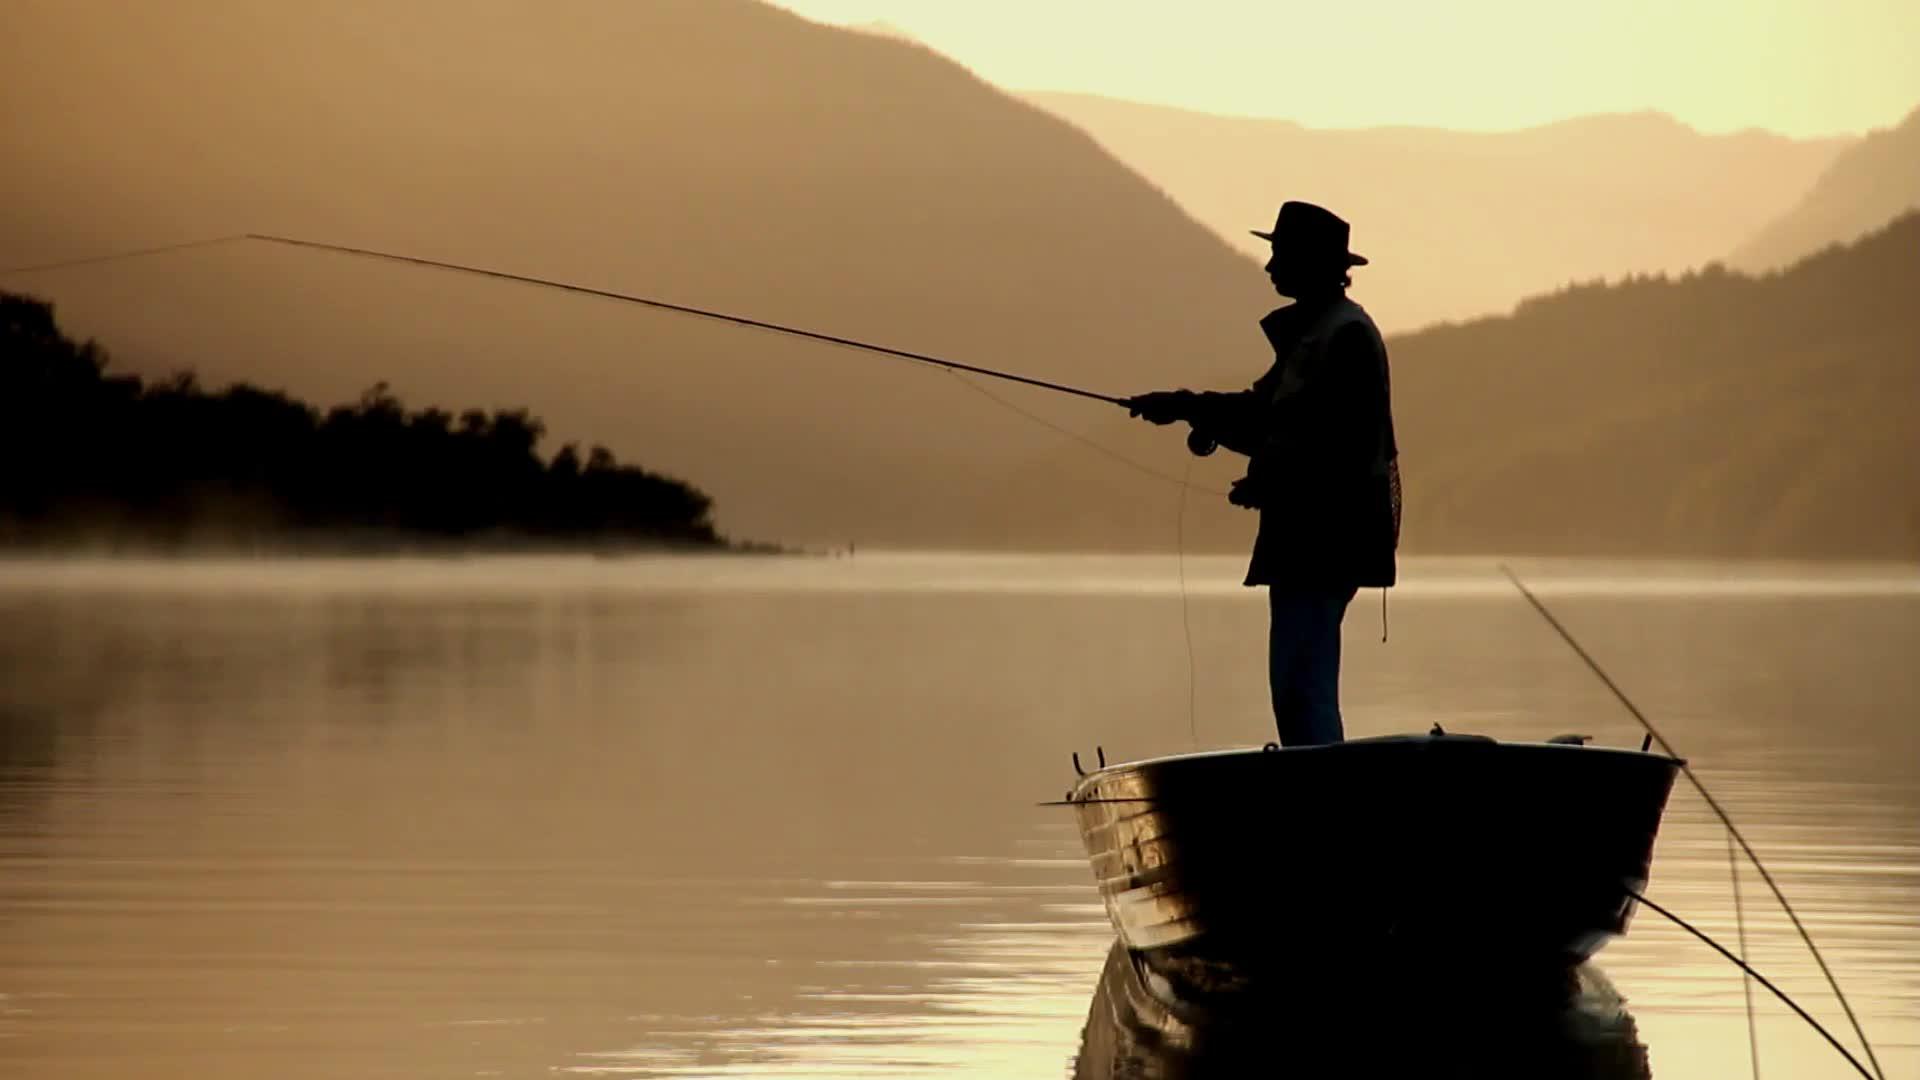 fishing GIFs